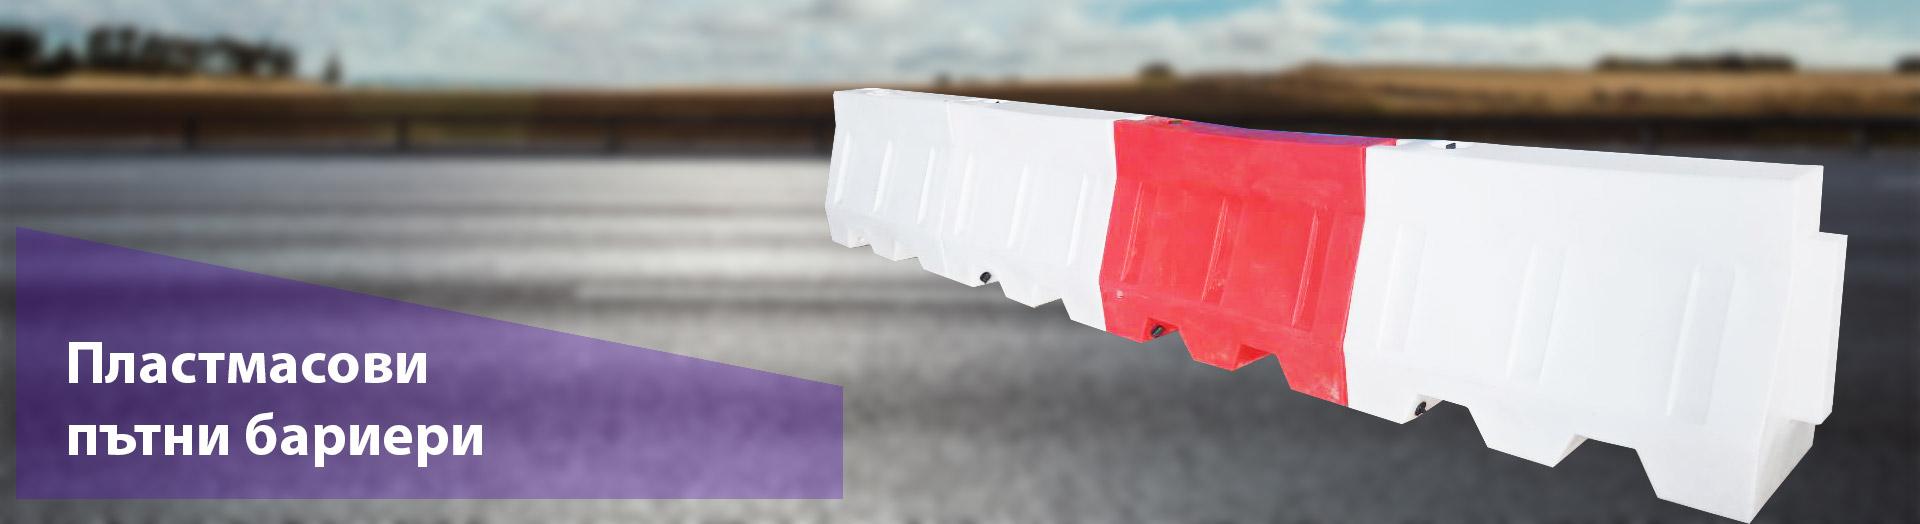 Пътни бариери пластмасови